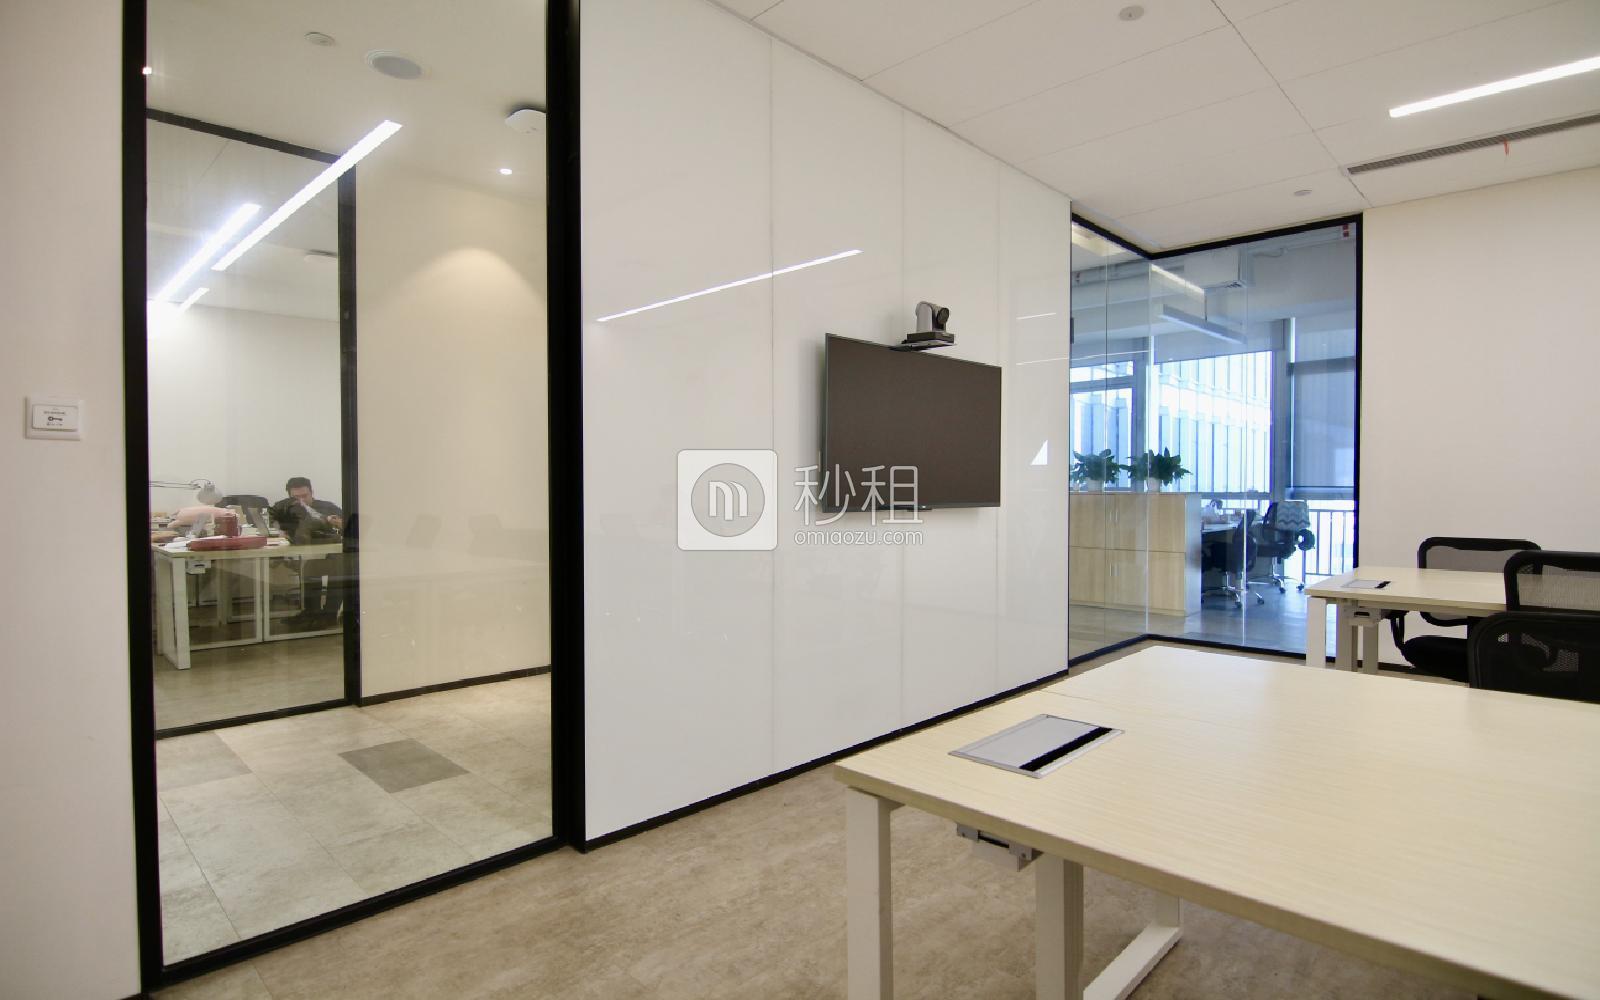 P2神鲸空间-阿里中心大厦写字楼出租30平米精装办公室16800元/间.月